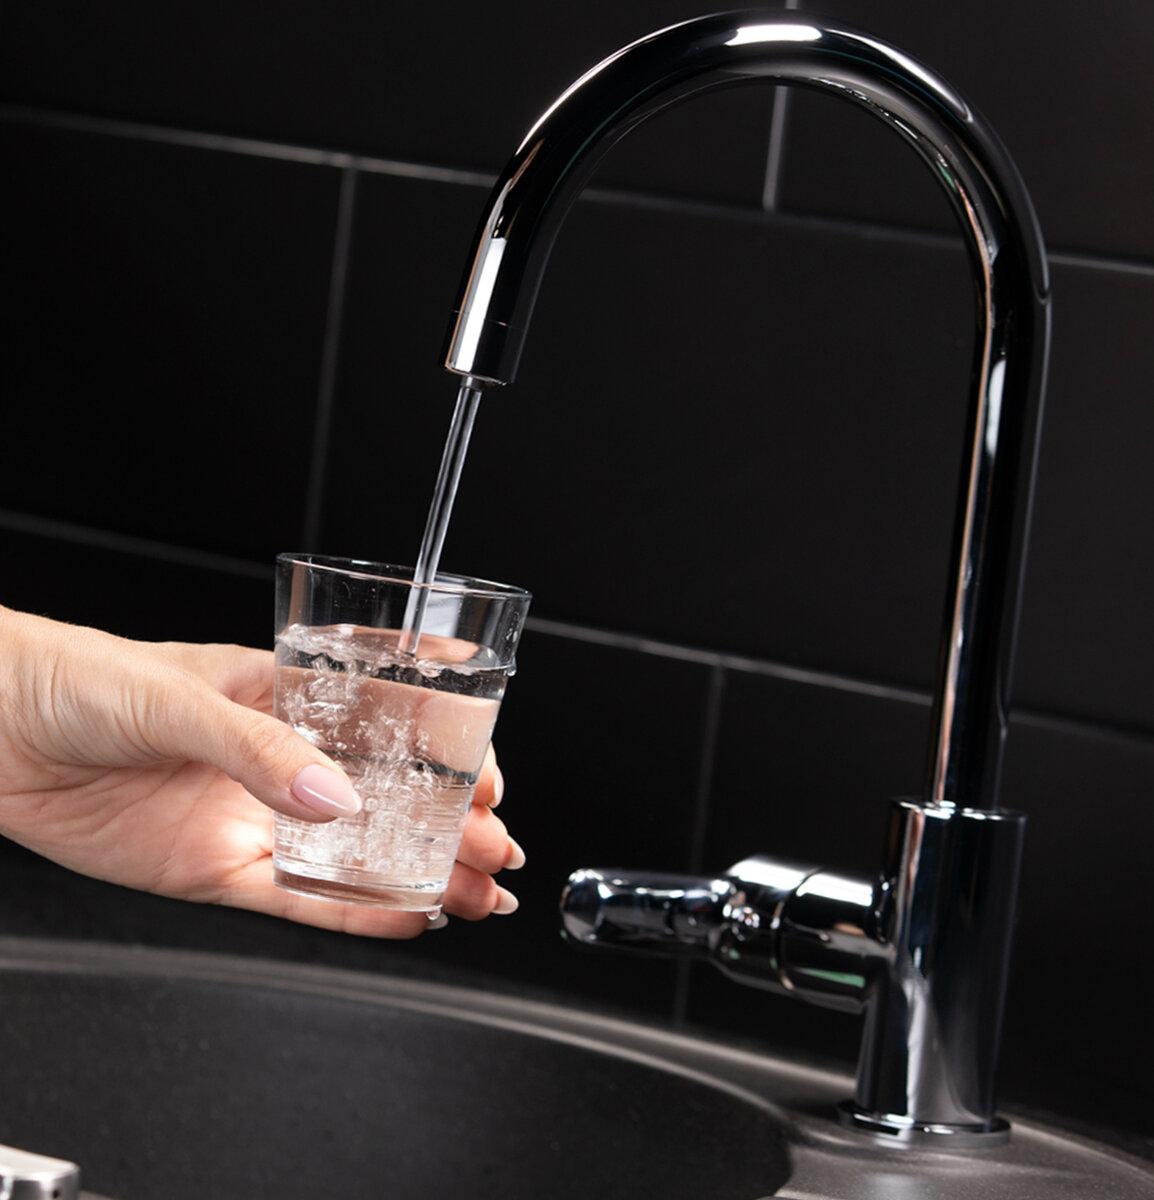 Эти мелочи помогли сократить мне расходы на воду в 2 раза! Берите на вооружение